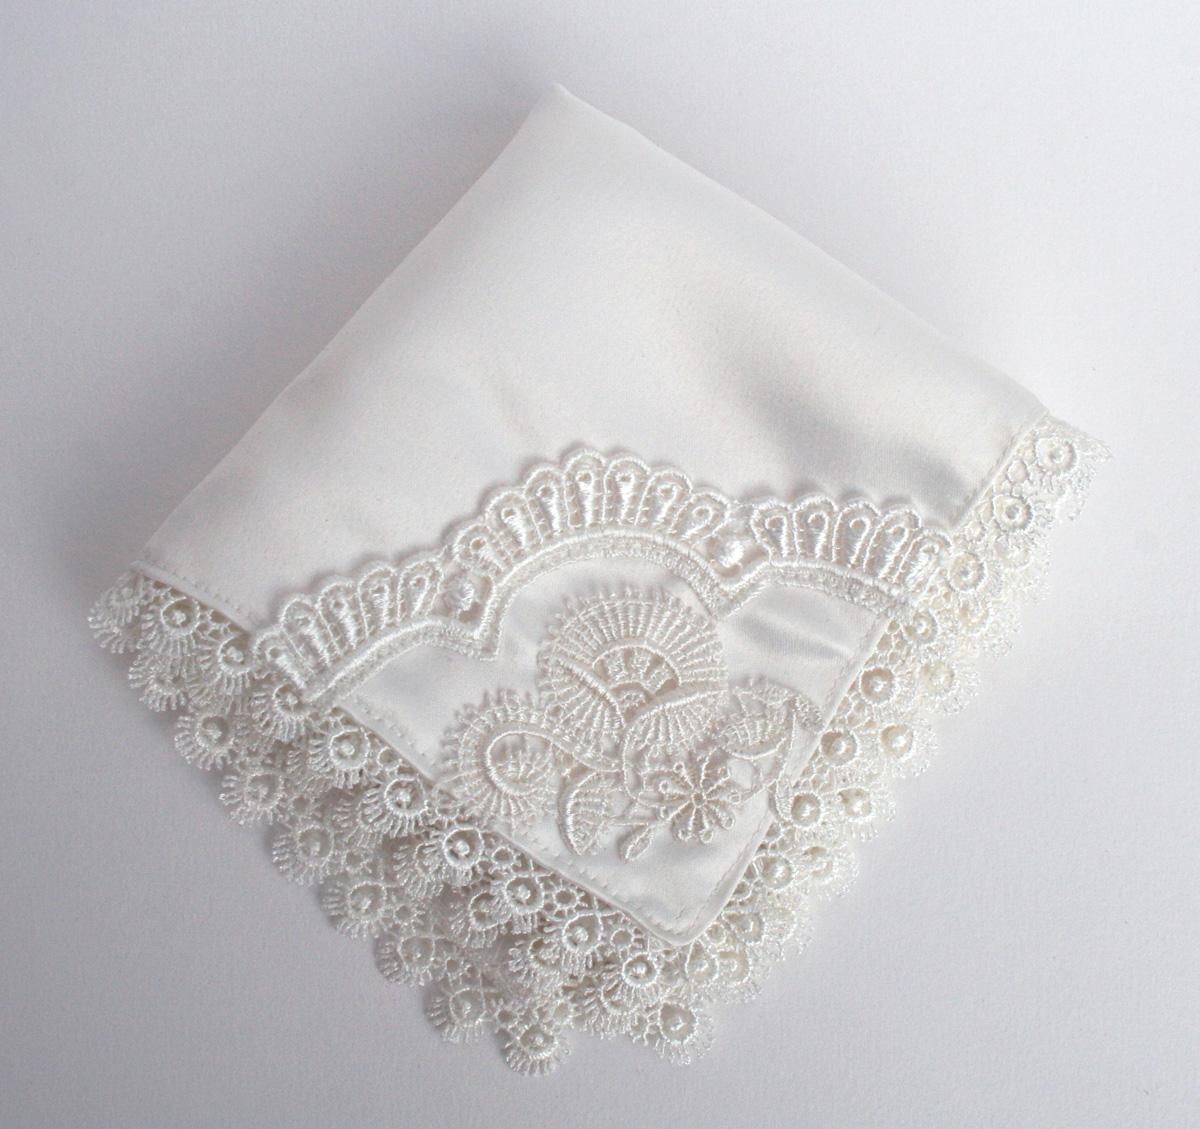 zakdoekje voor de bruid met something old